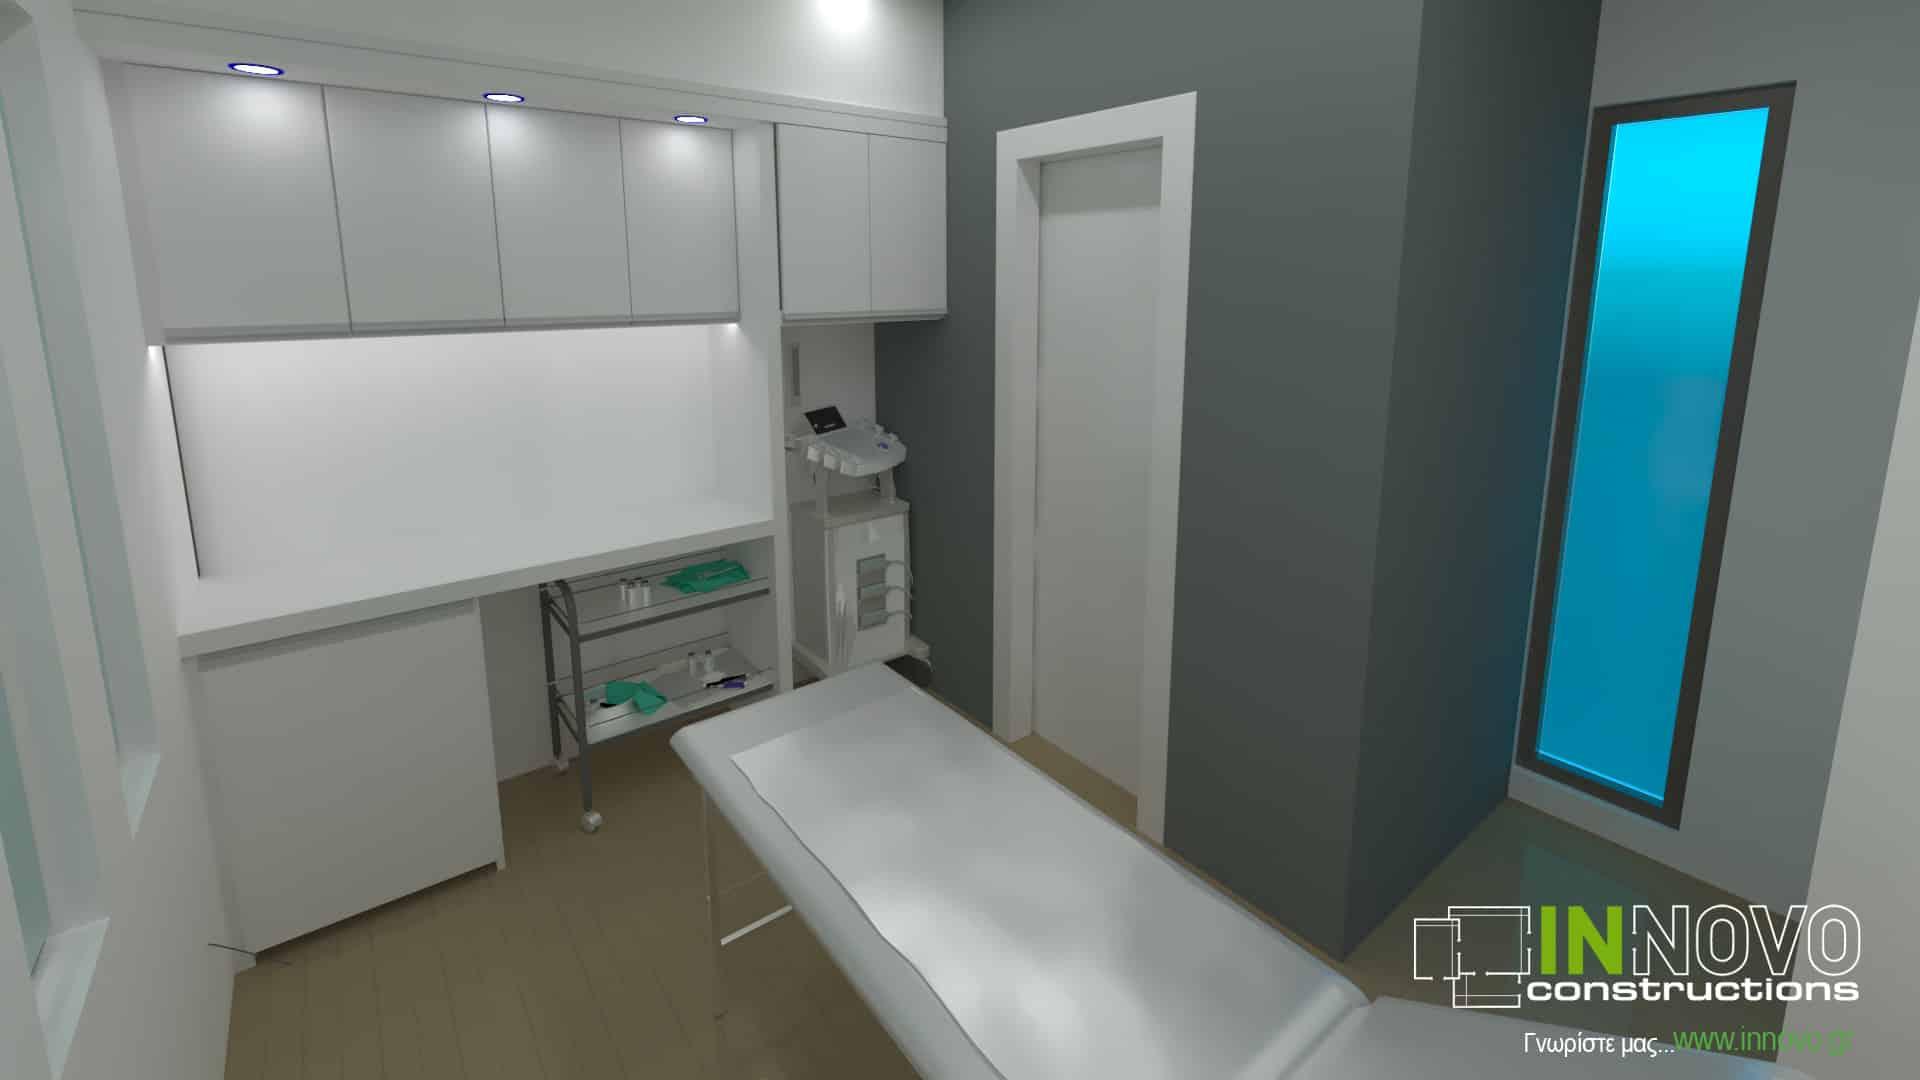 Μελέτη παθολογικού ιατρείου στο Πόρτο Ράφτη